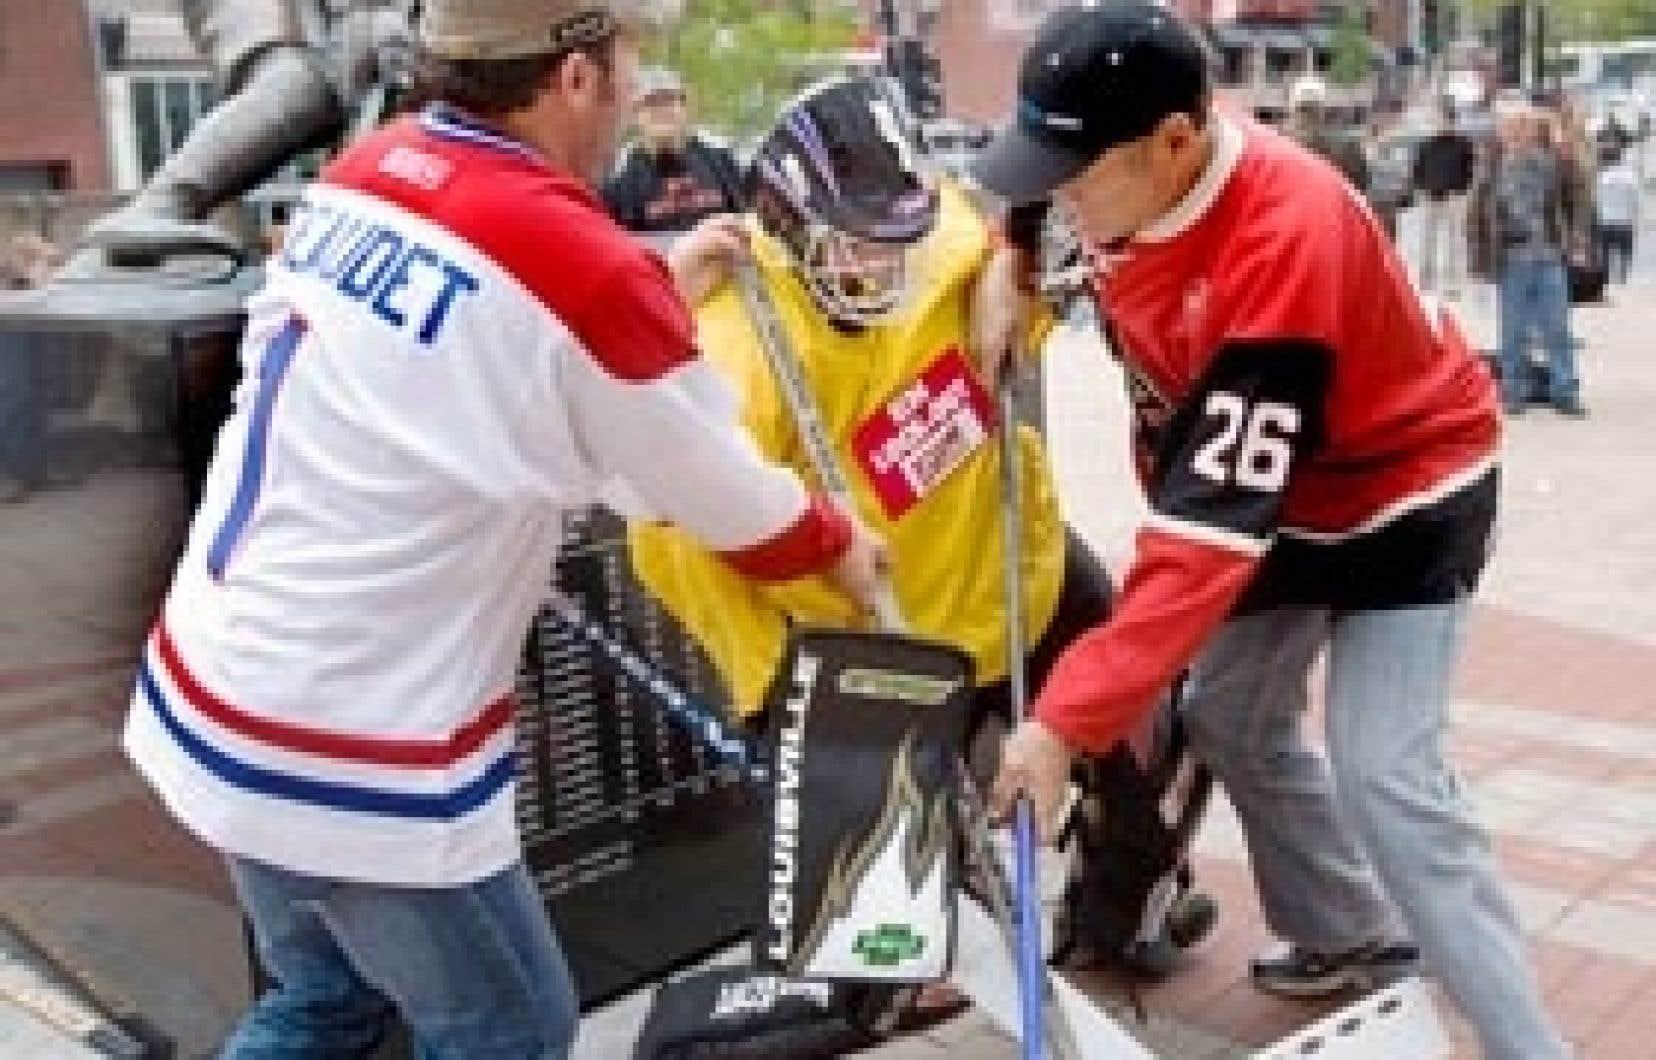 En guise de manifestation, des employés ont décidé de jouer une partie de hockey sur la Place du centenaire.